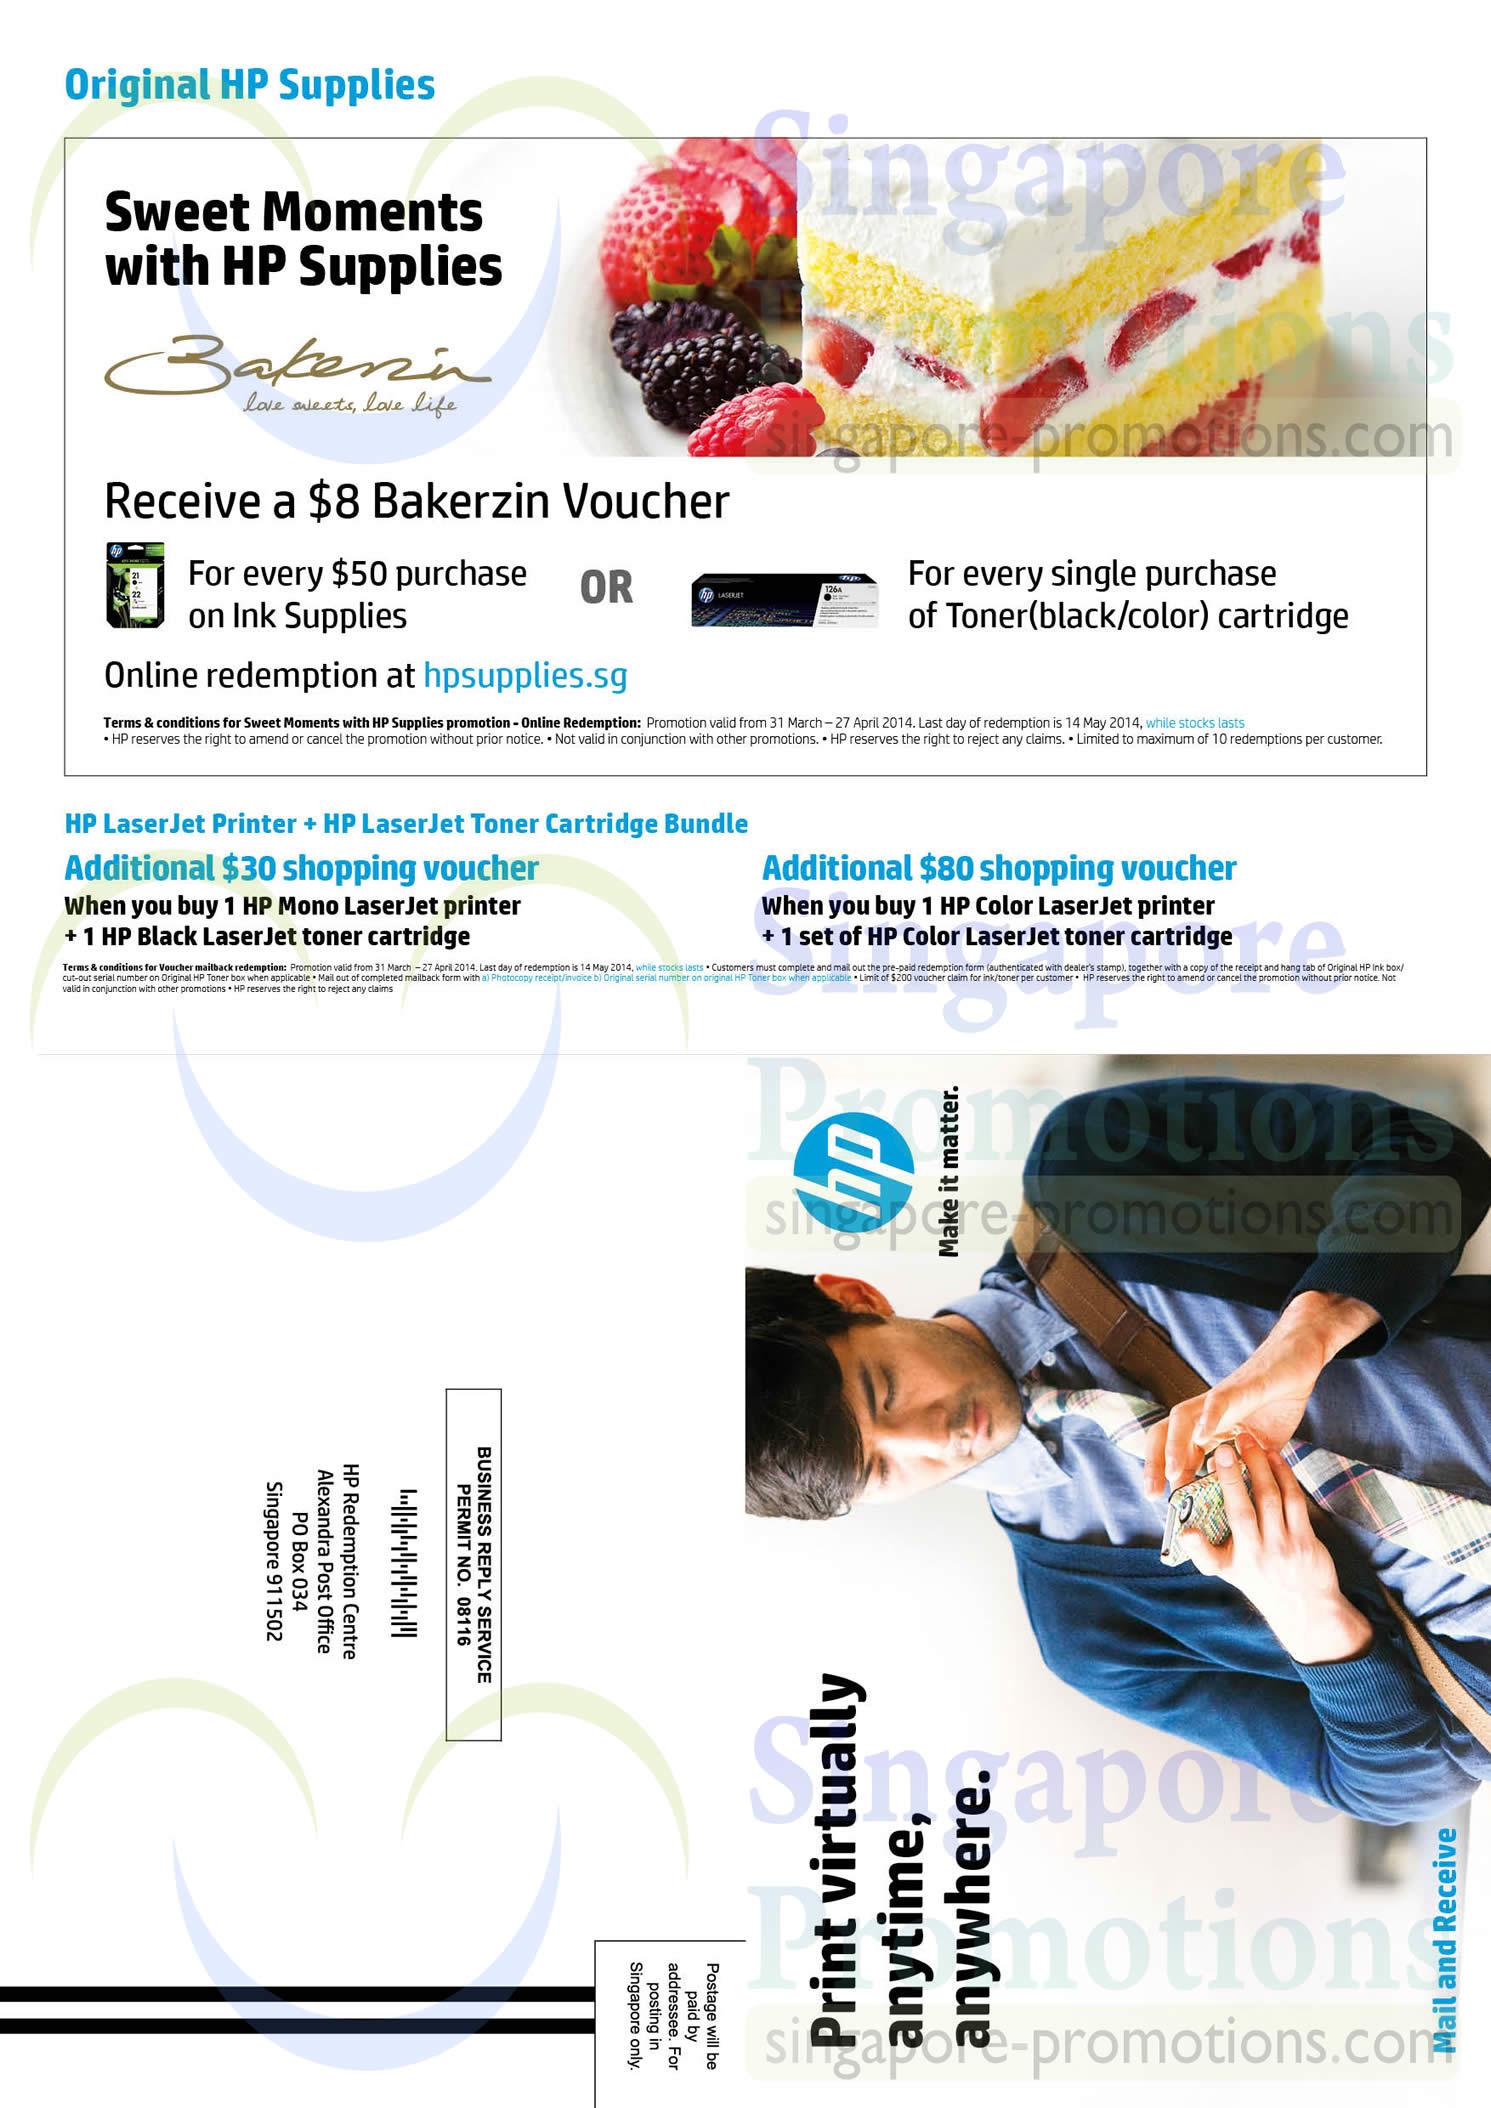 HP Supplies, Shopping Vouchers